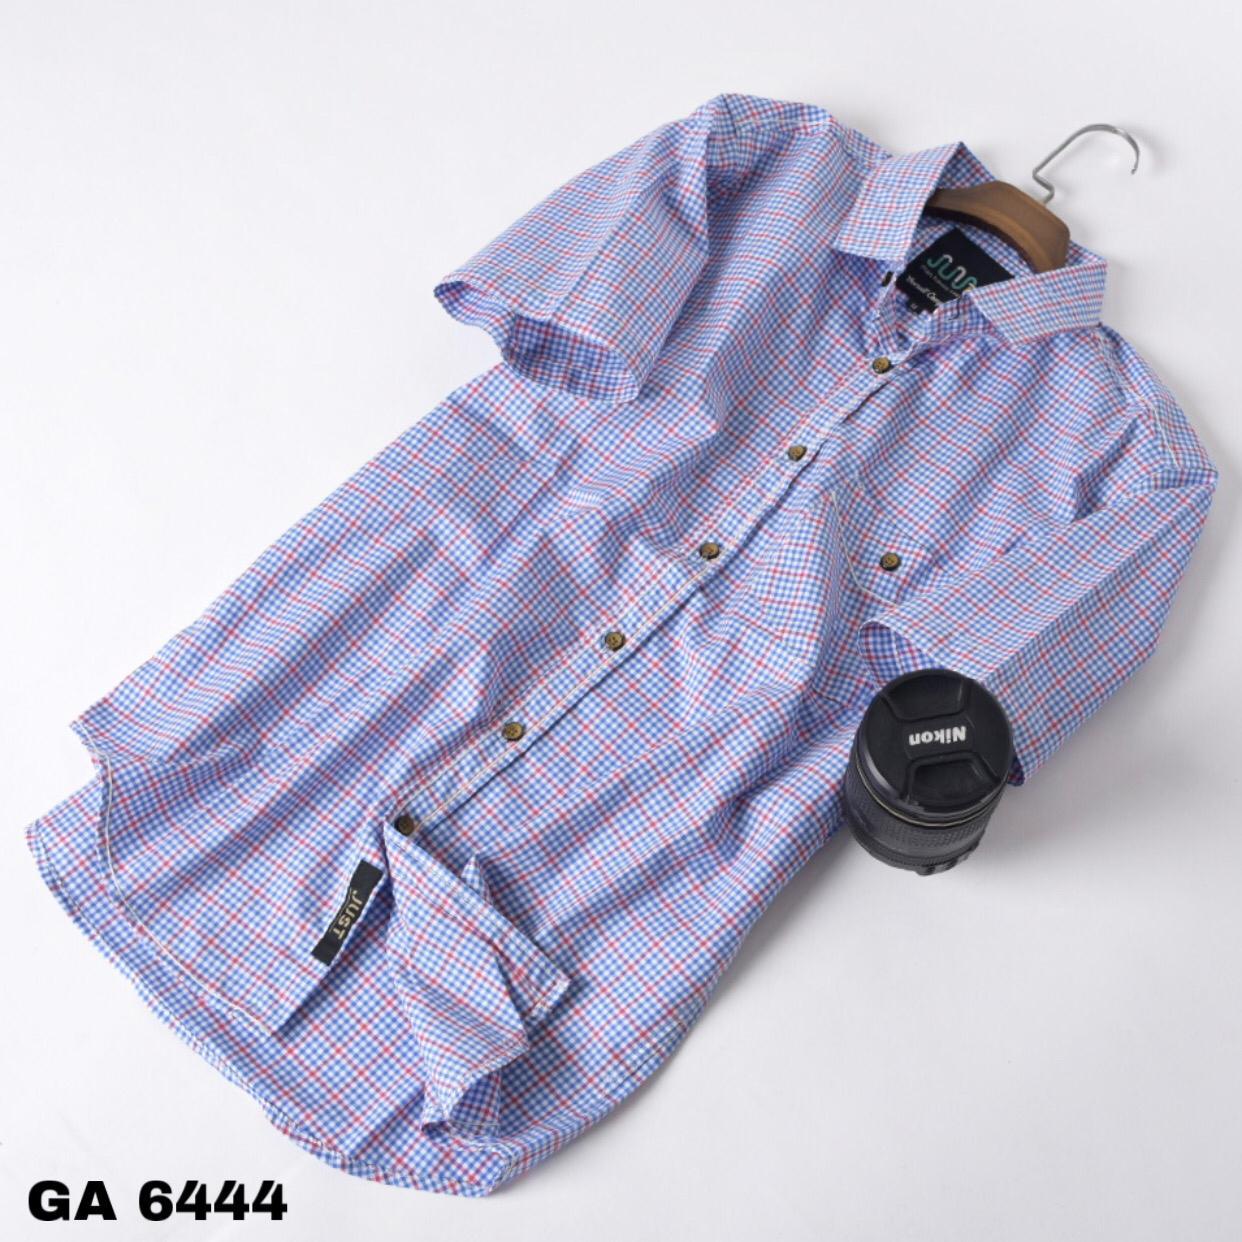 3lstore 10 kemeja flanel pria lengan pendek baju kemeja flanel exclusive cowok kerja kantoran